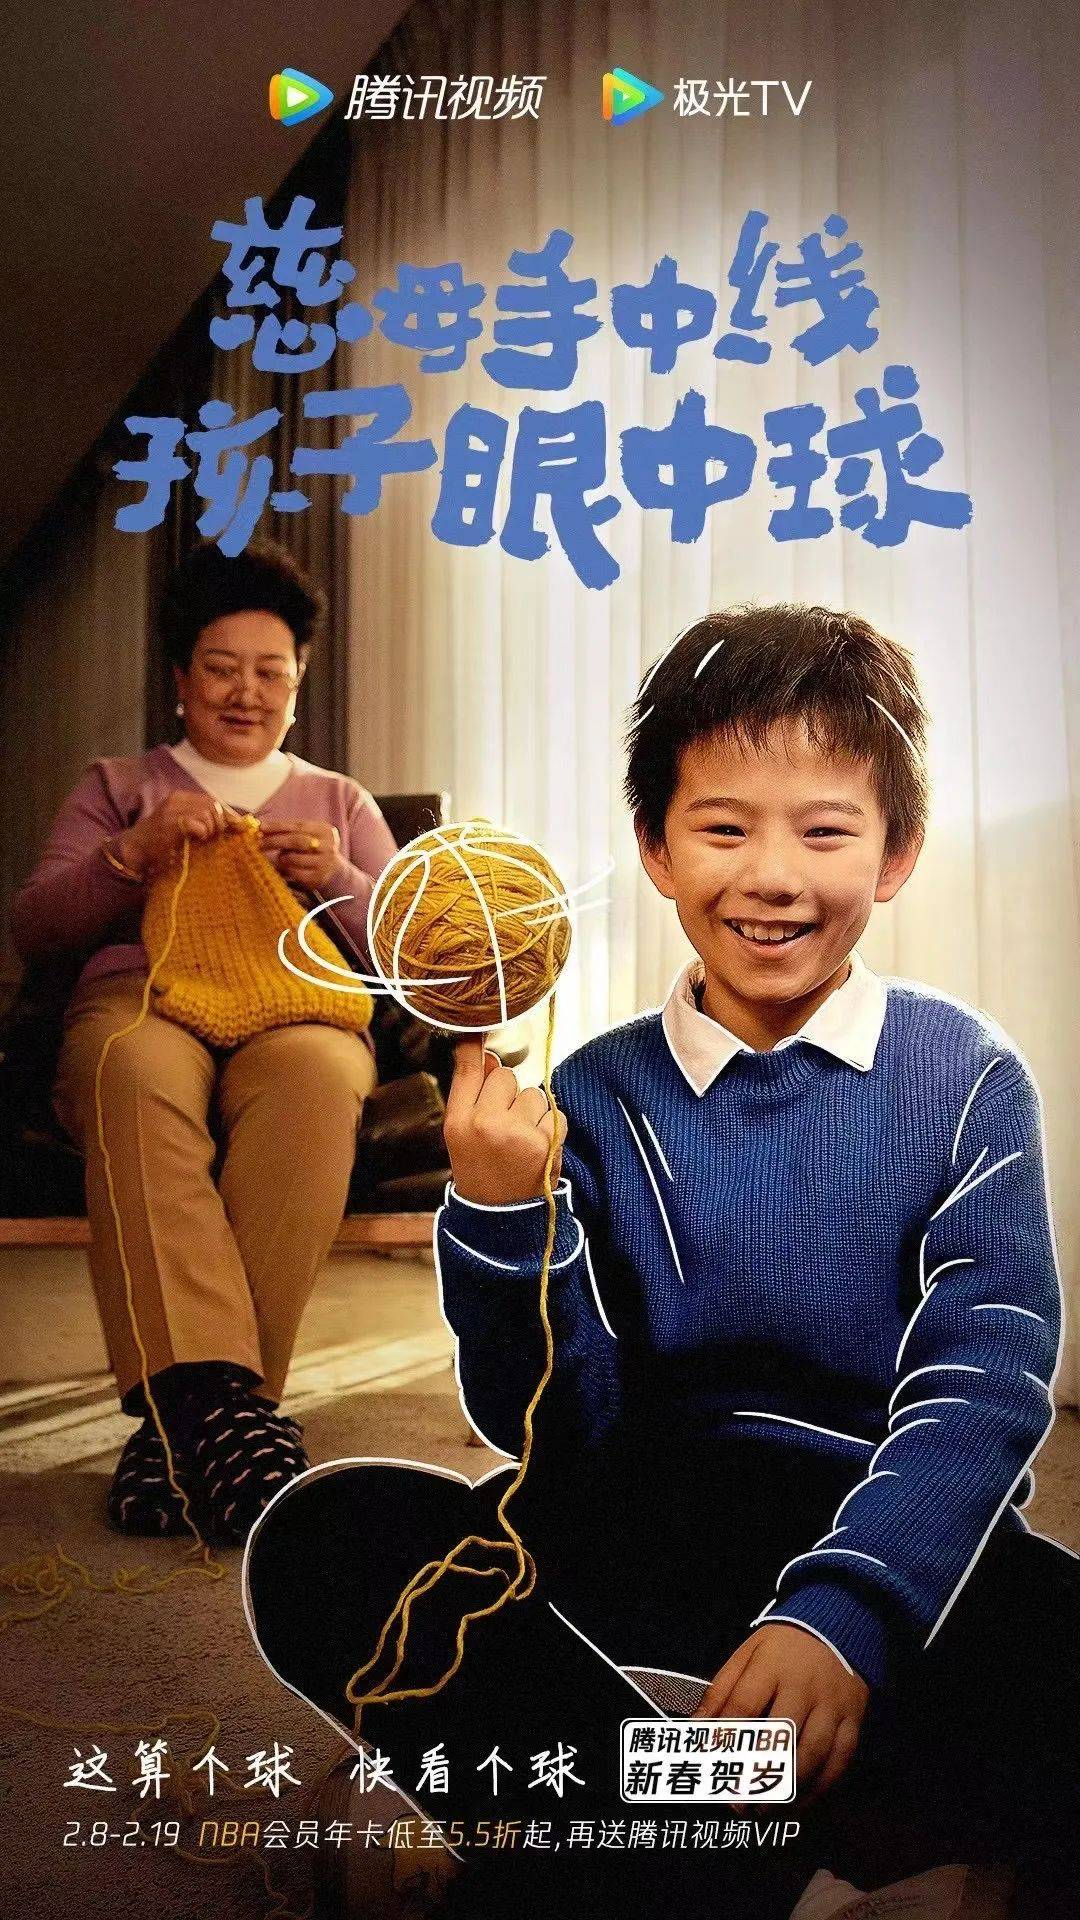 NBA新春宣传片内容好新颖 主演少年是香港国际星的何明远